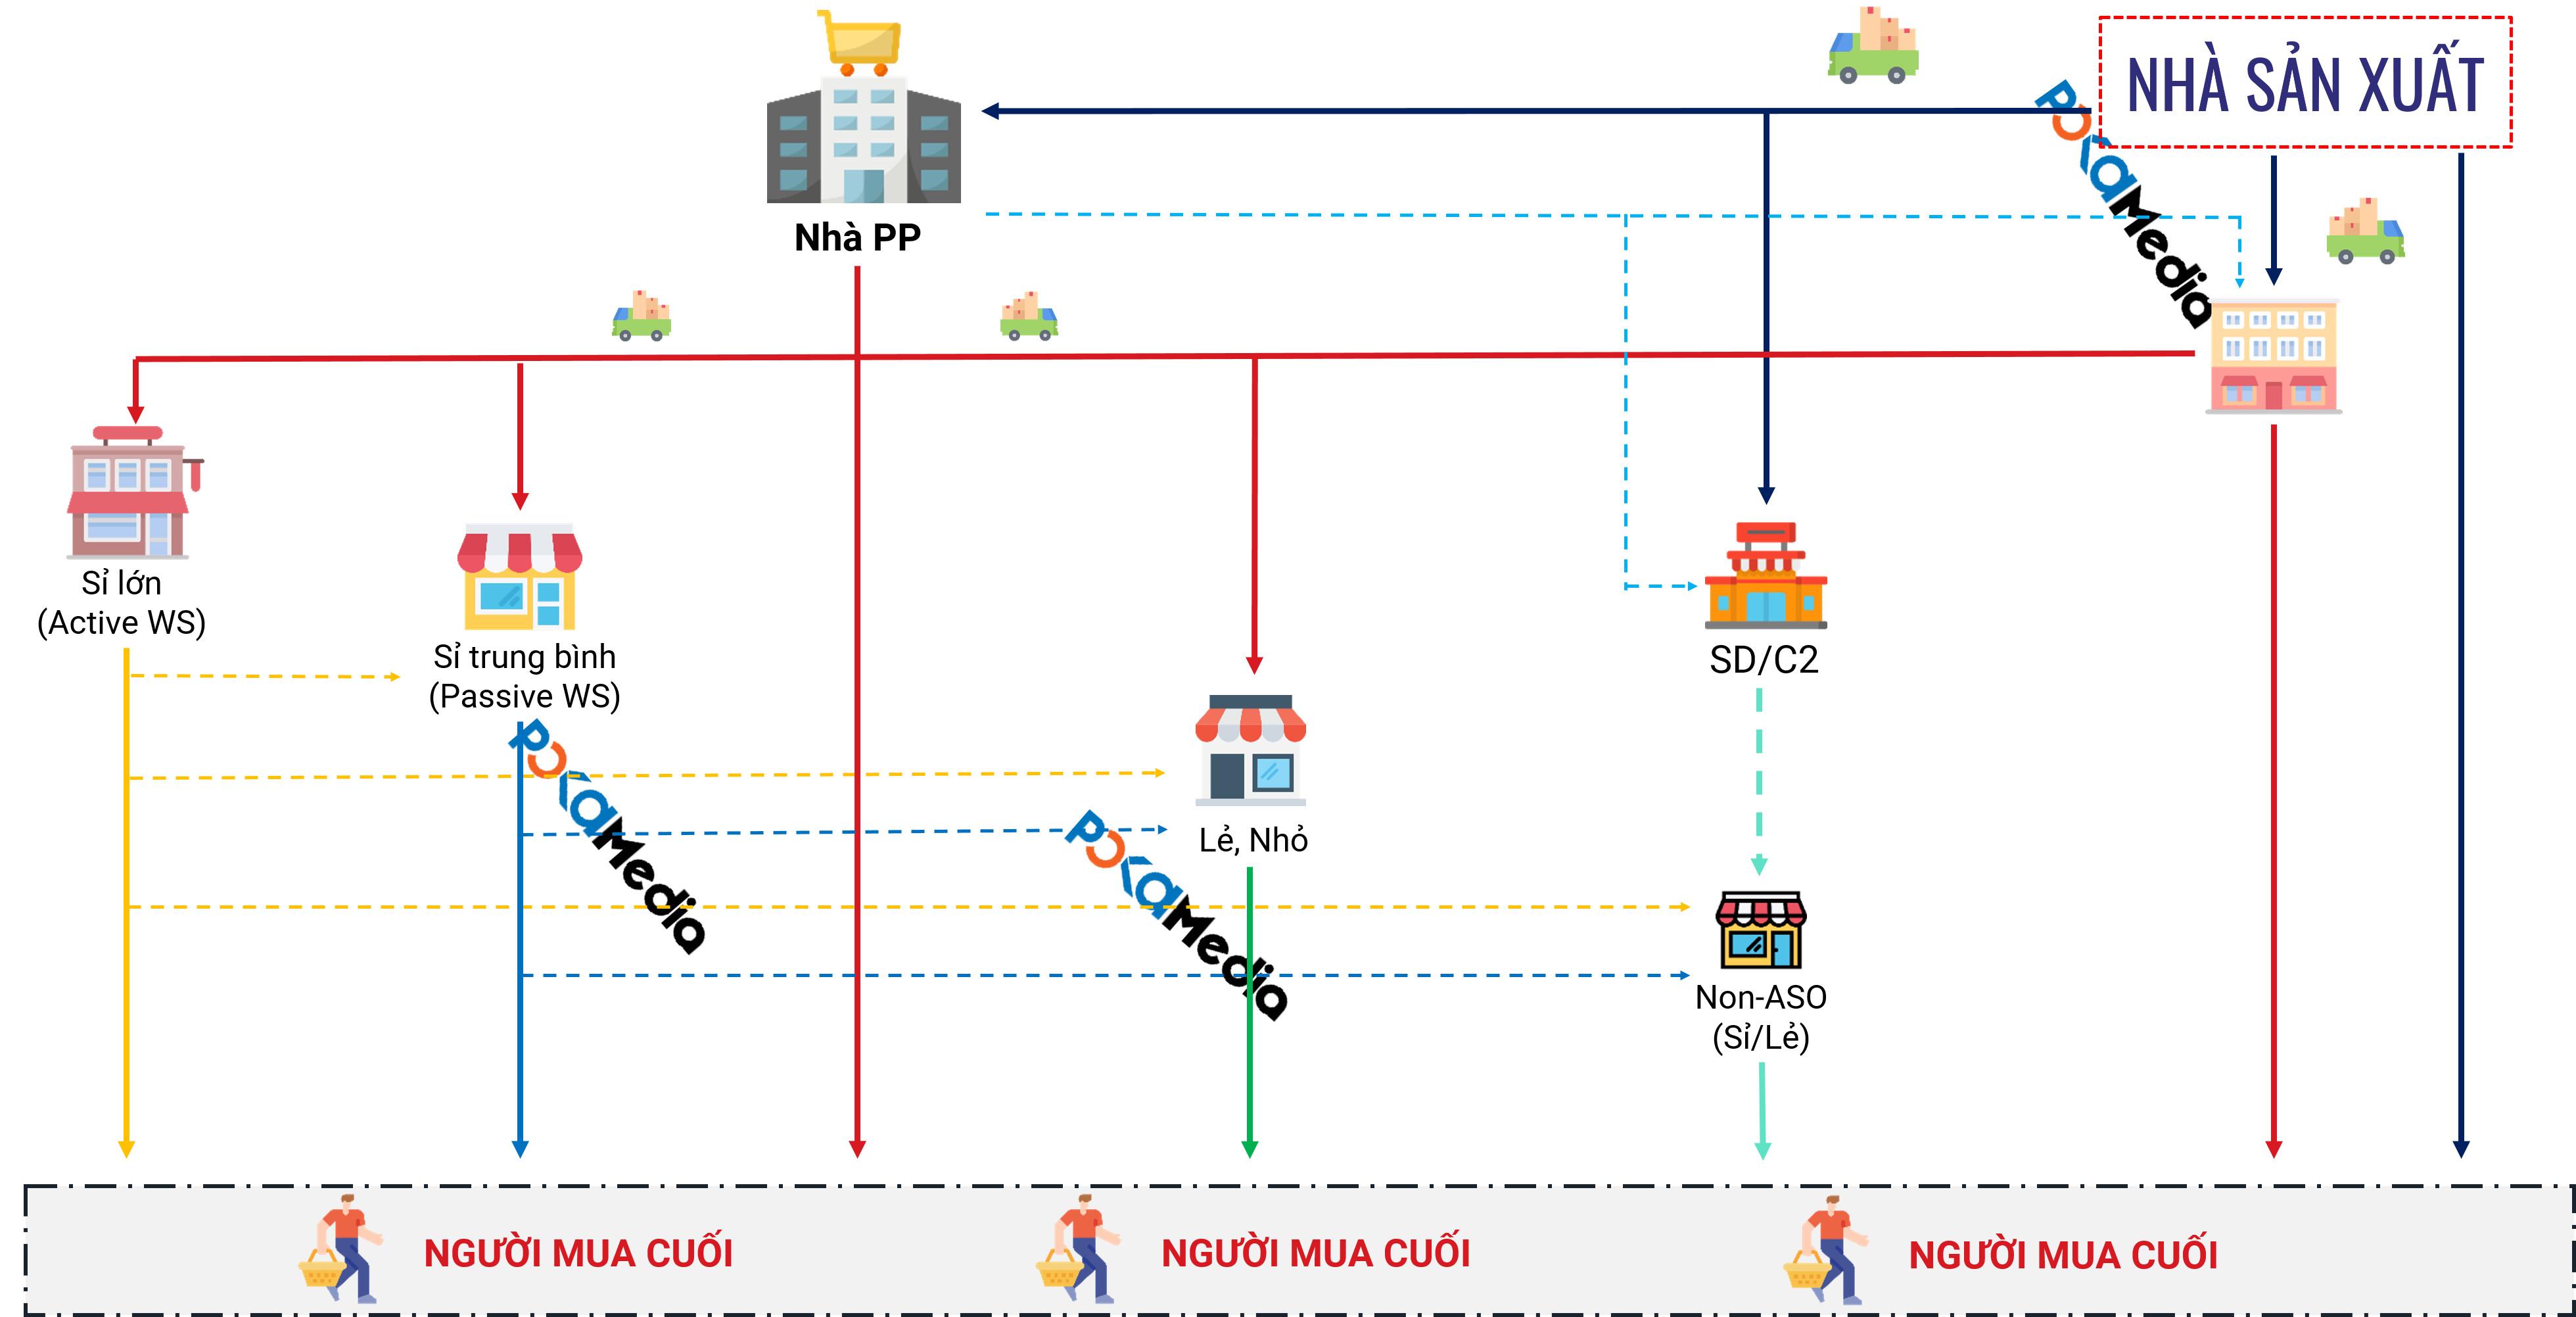 Kênh phân phối là gì? 6 mô hình kênh phân phối điển hình trong ngành bán lẻ 6